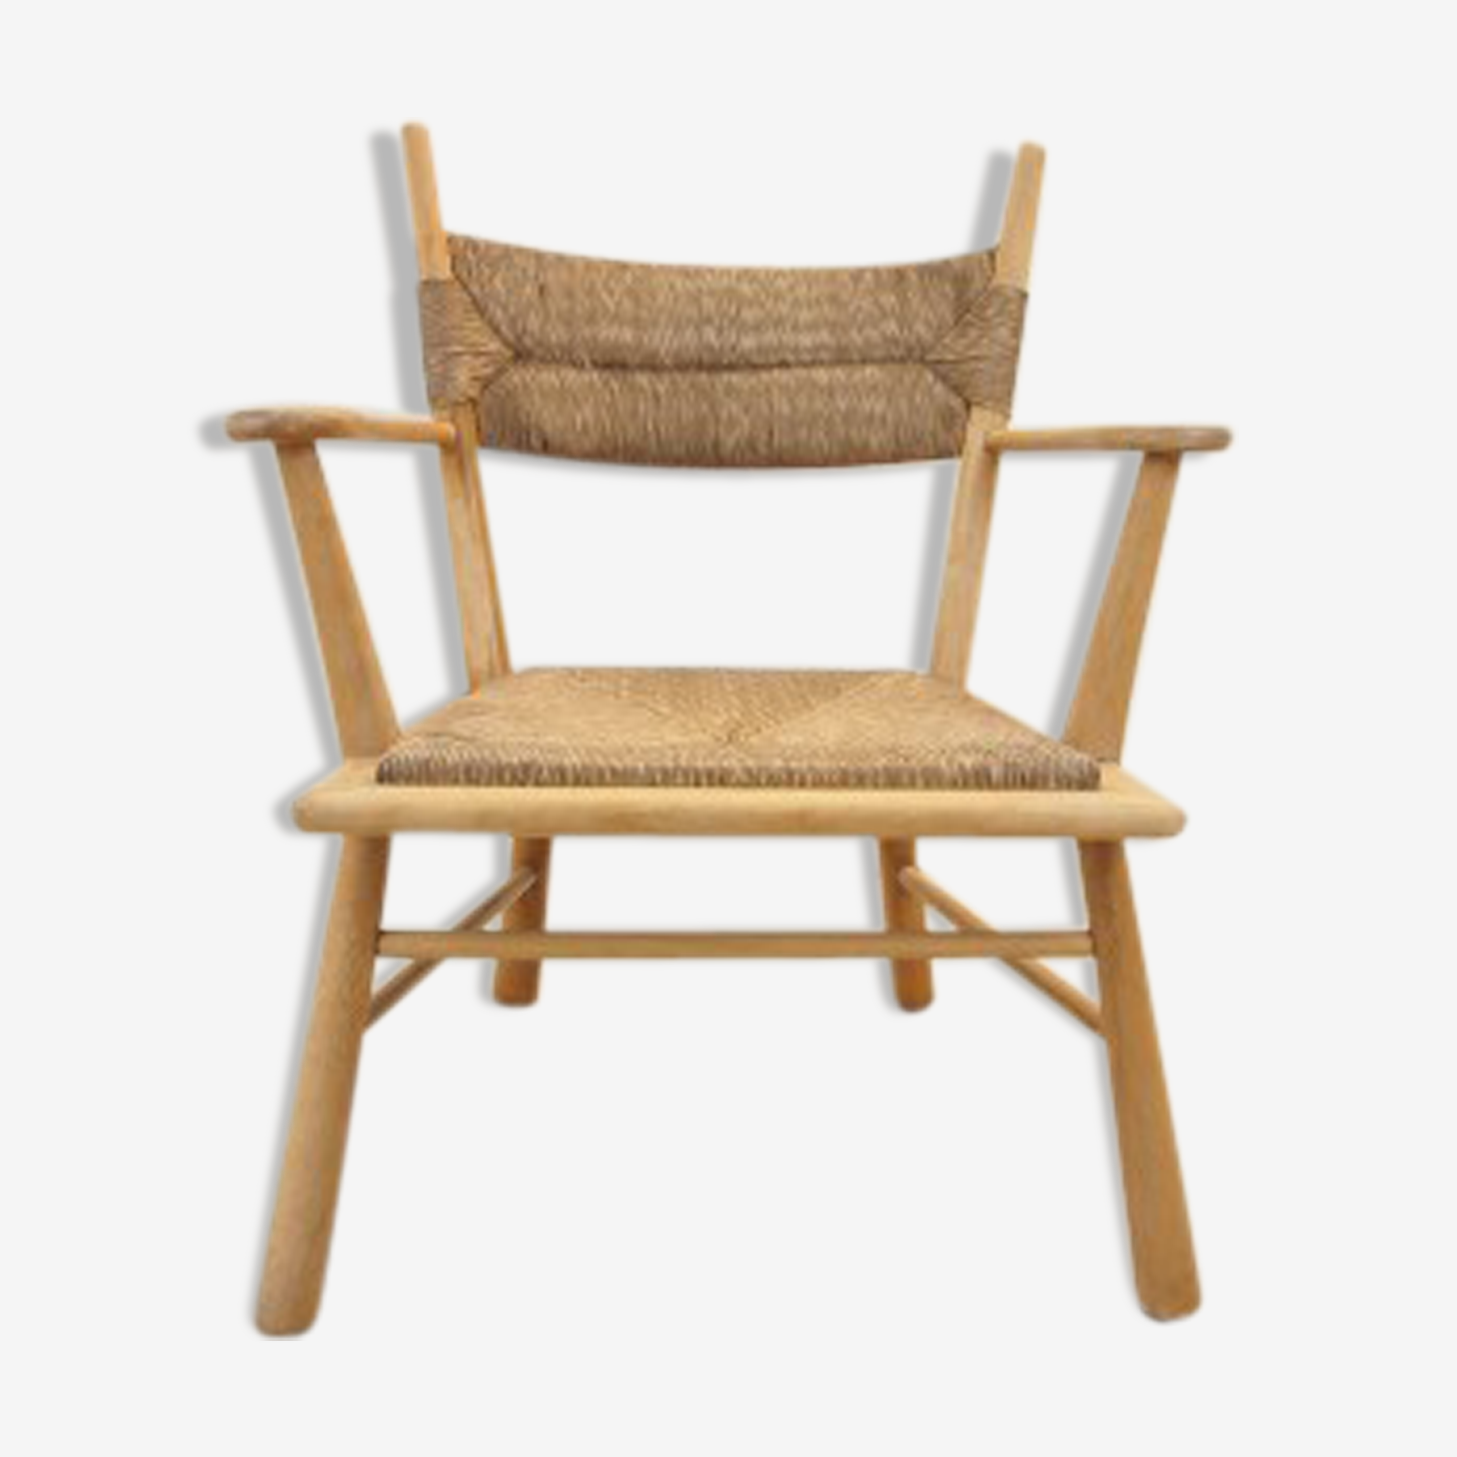 Chaise longue vintage de Bas van Pelt